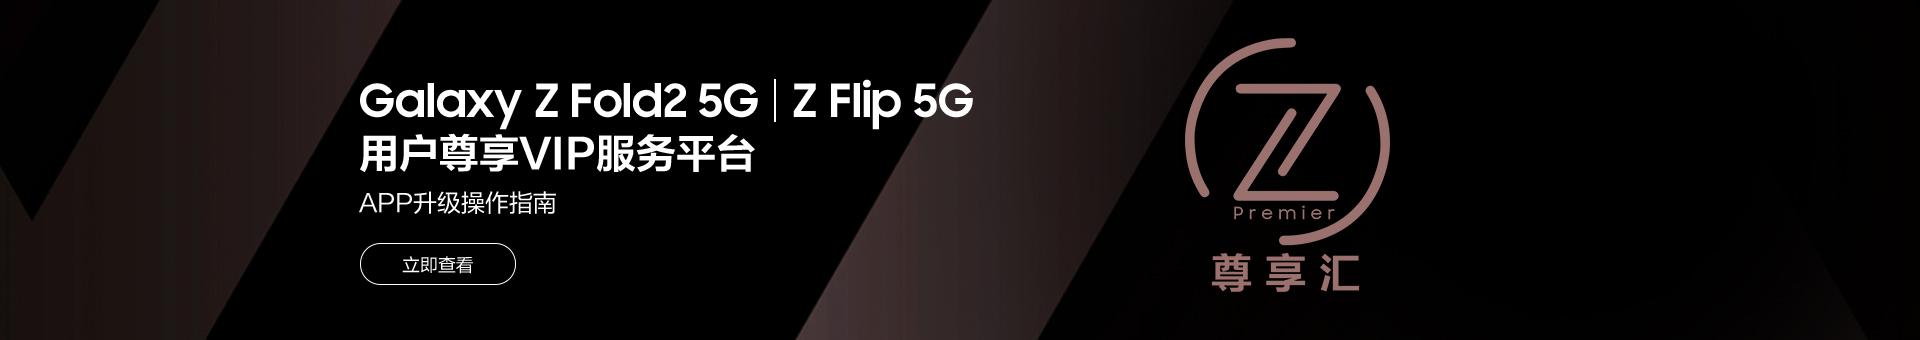 三星Z Premier 尊享汇 用户尊享VIP服务平台 APP升级操作指南